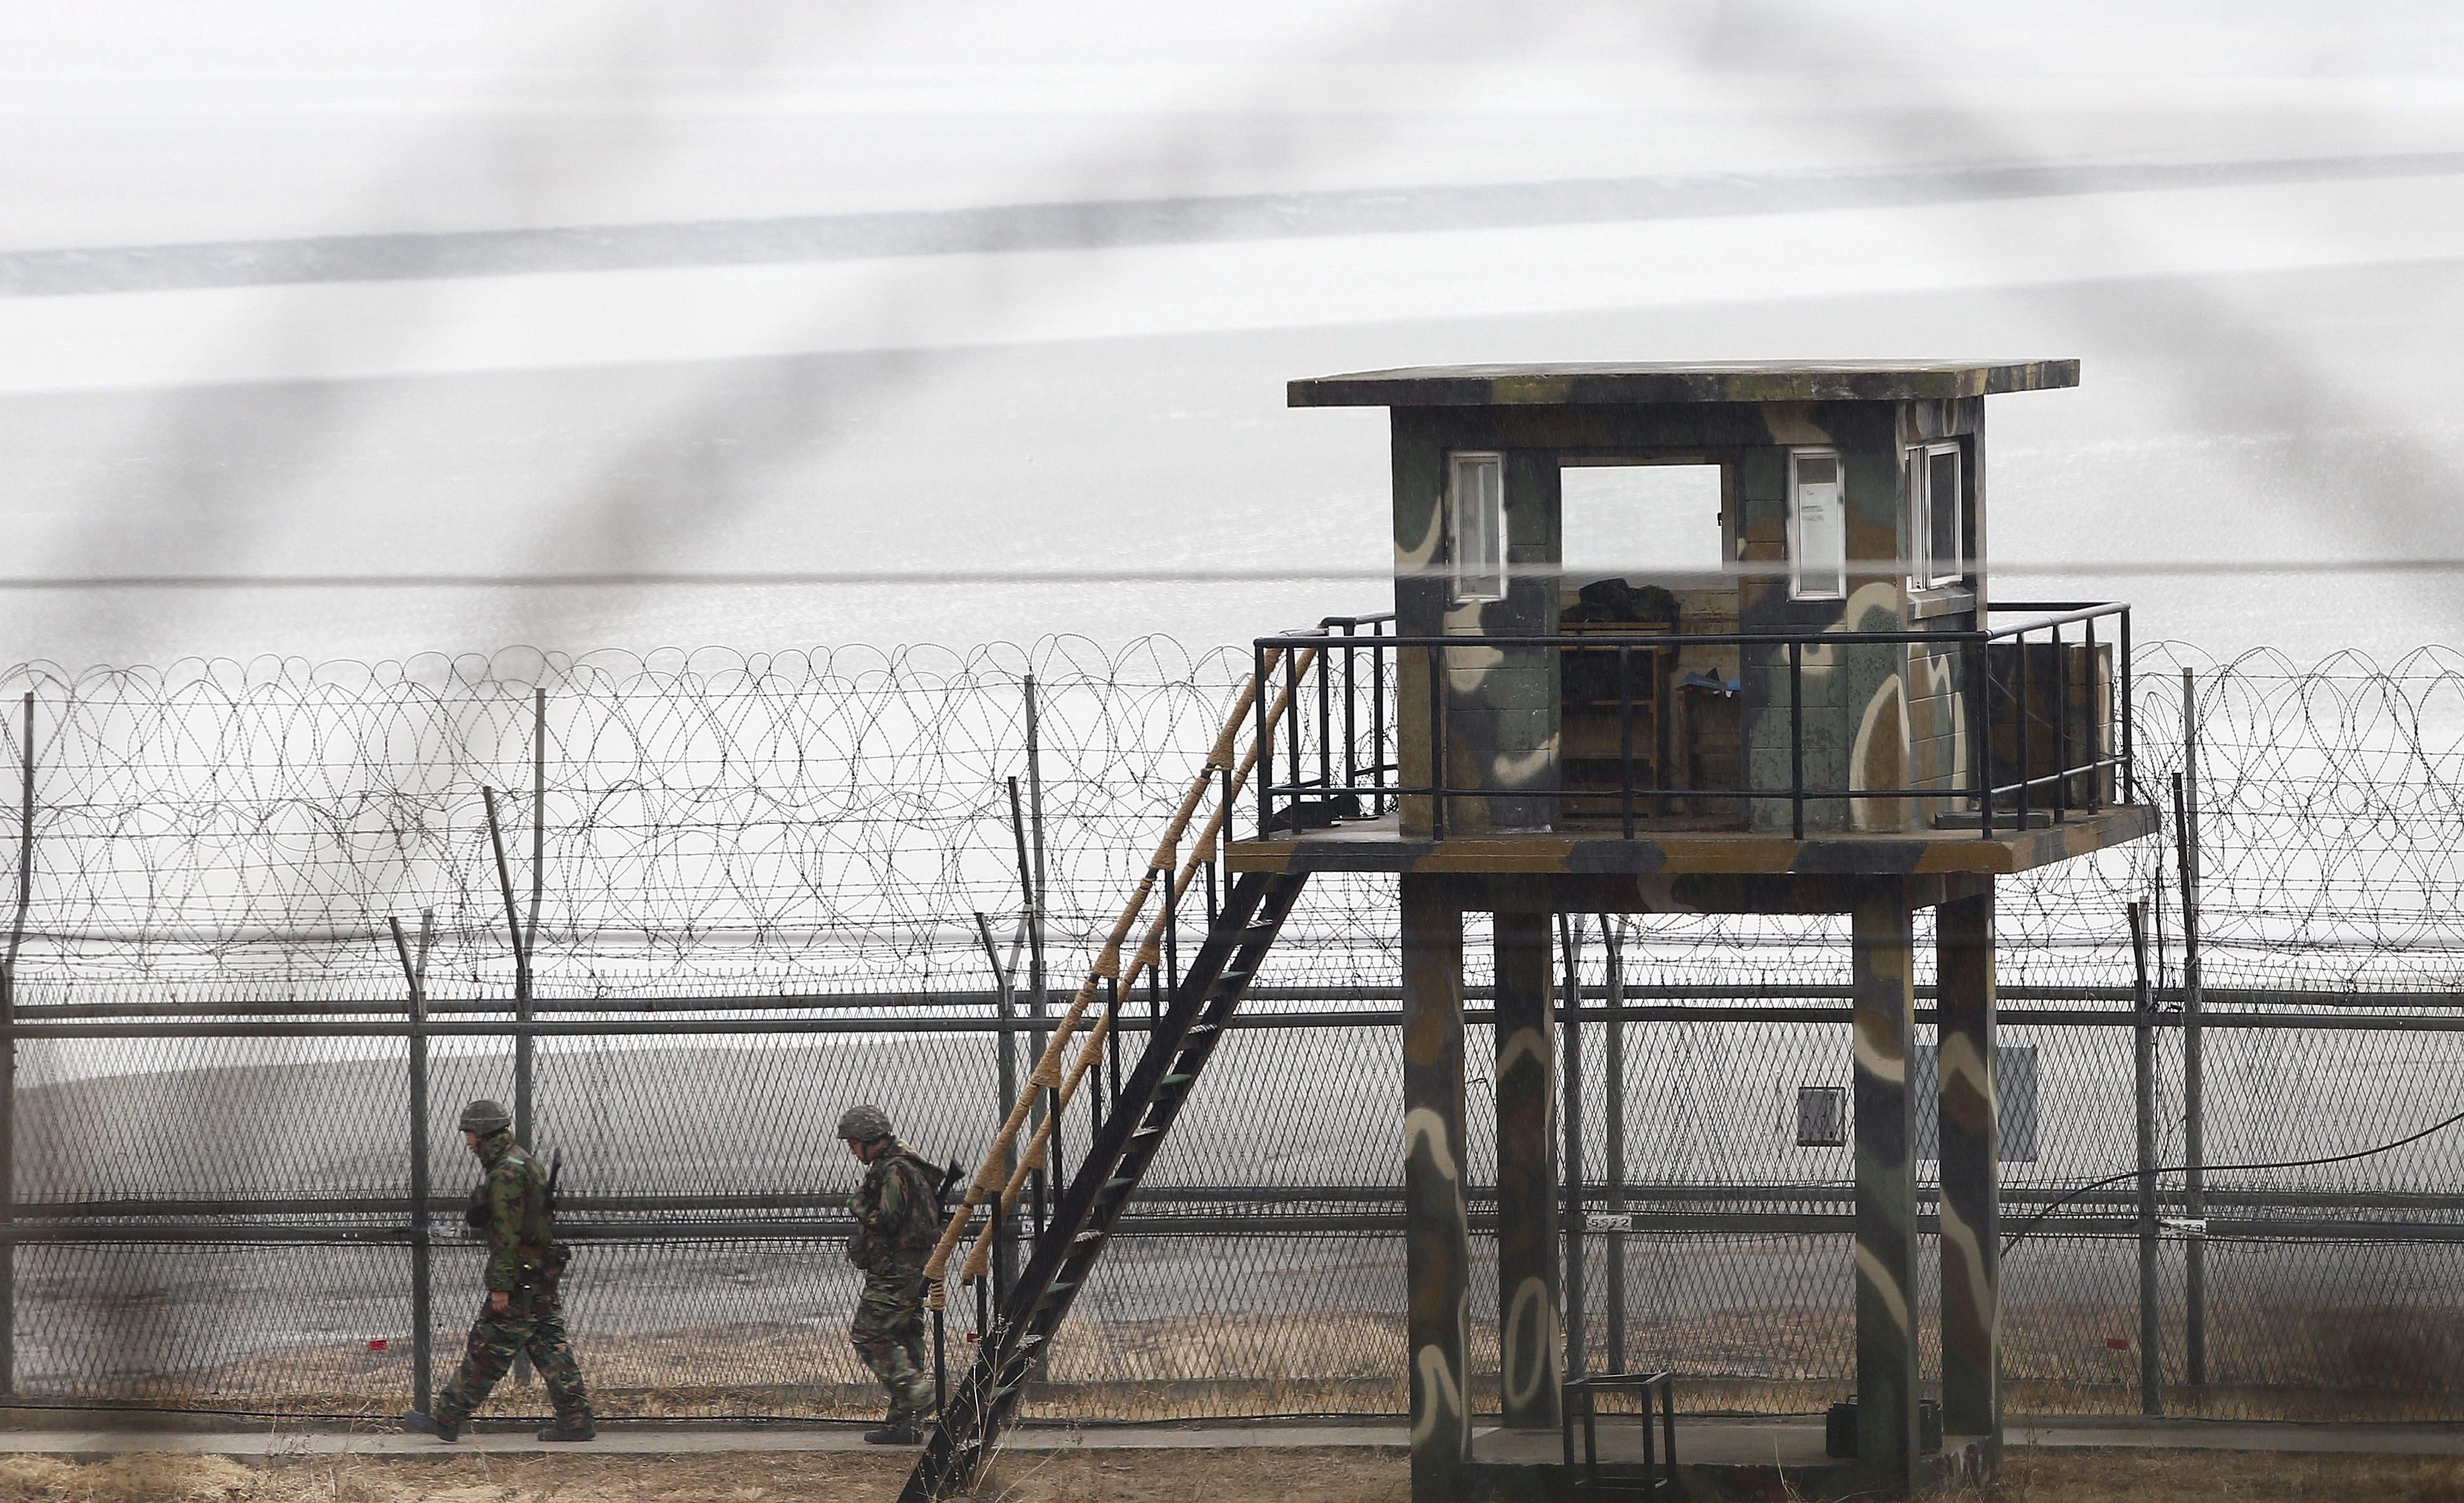 Coreias decidem fechar postos de vigilância ao longo da fronteira comum